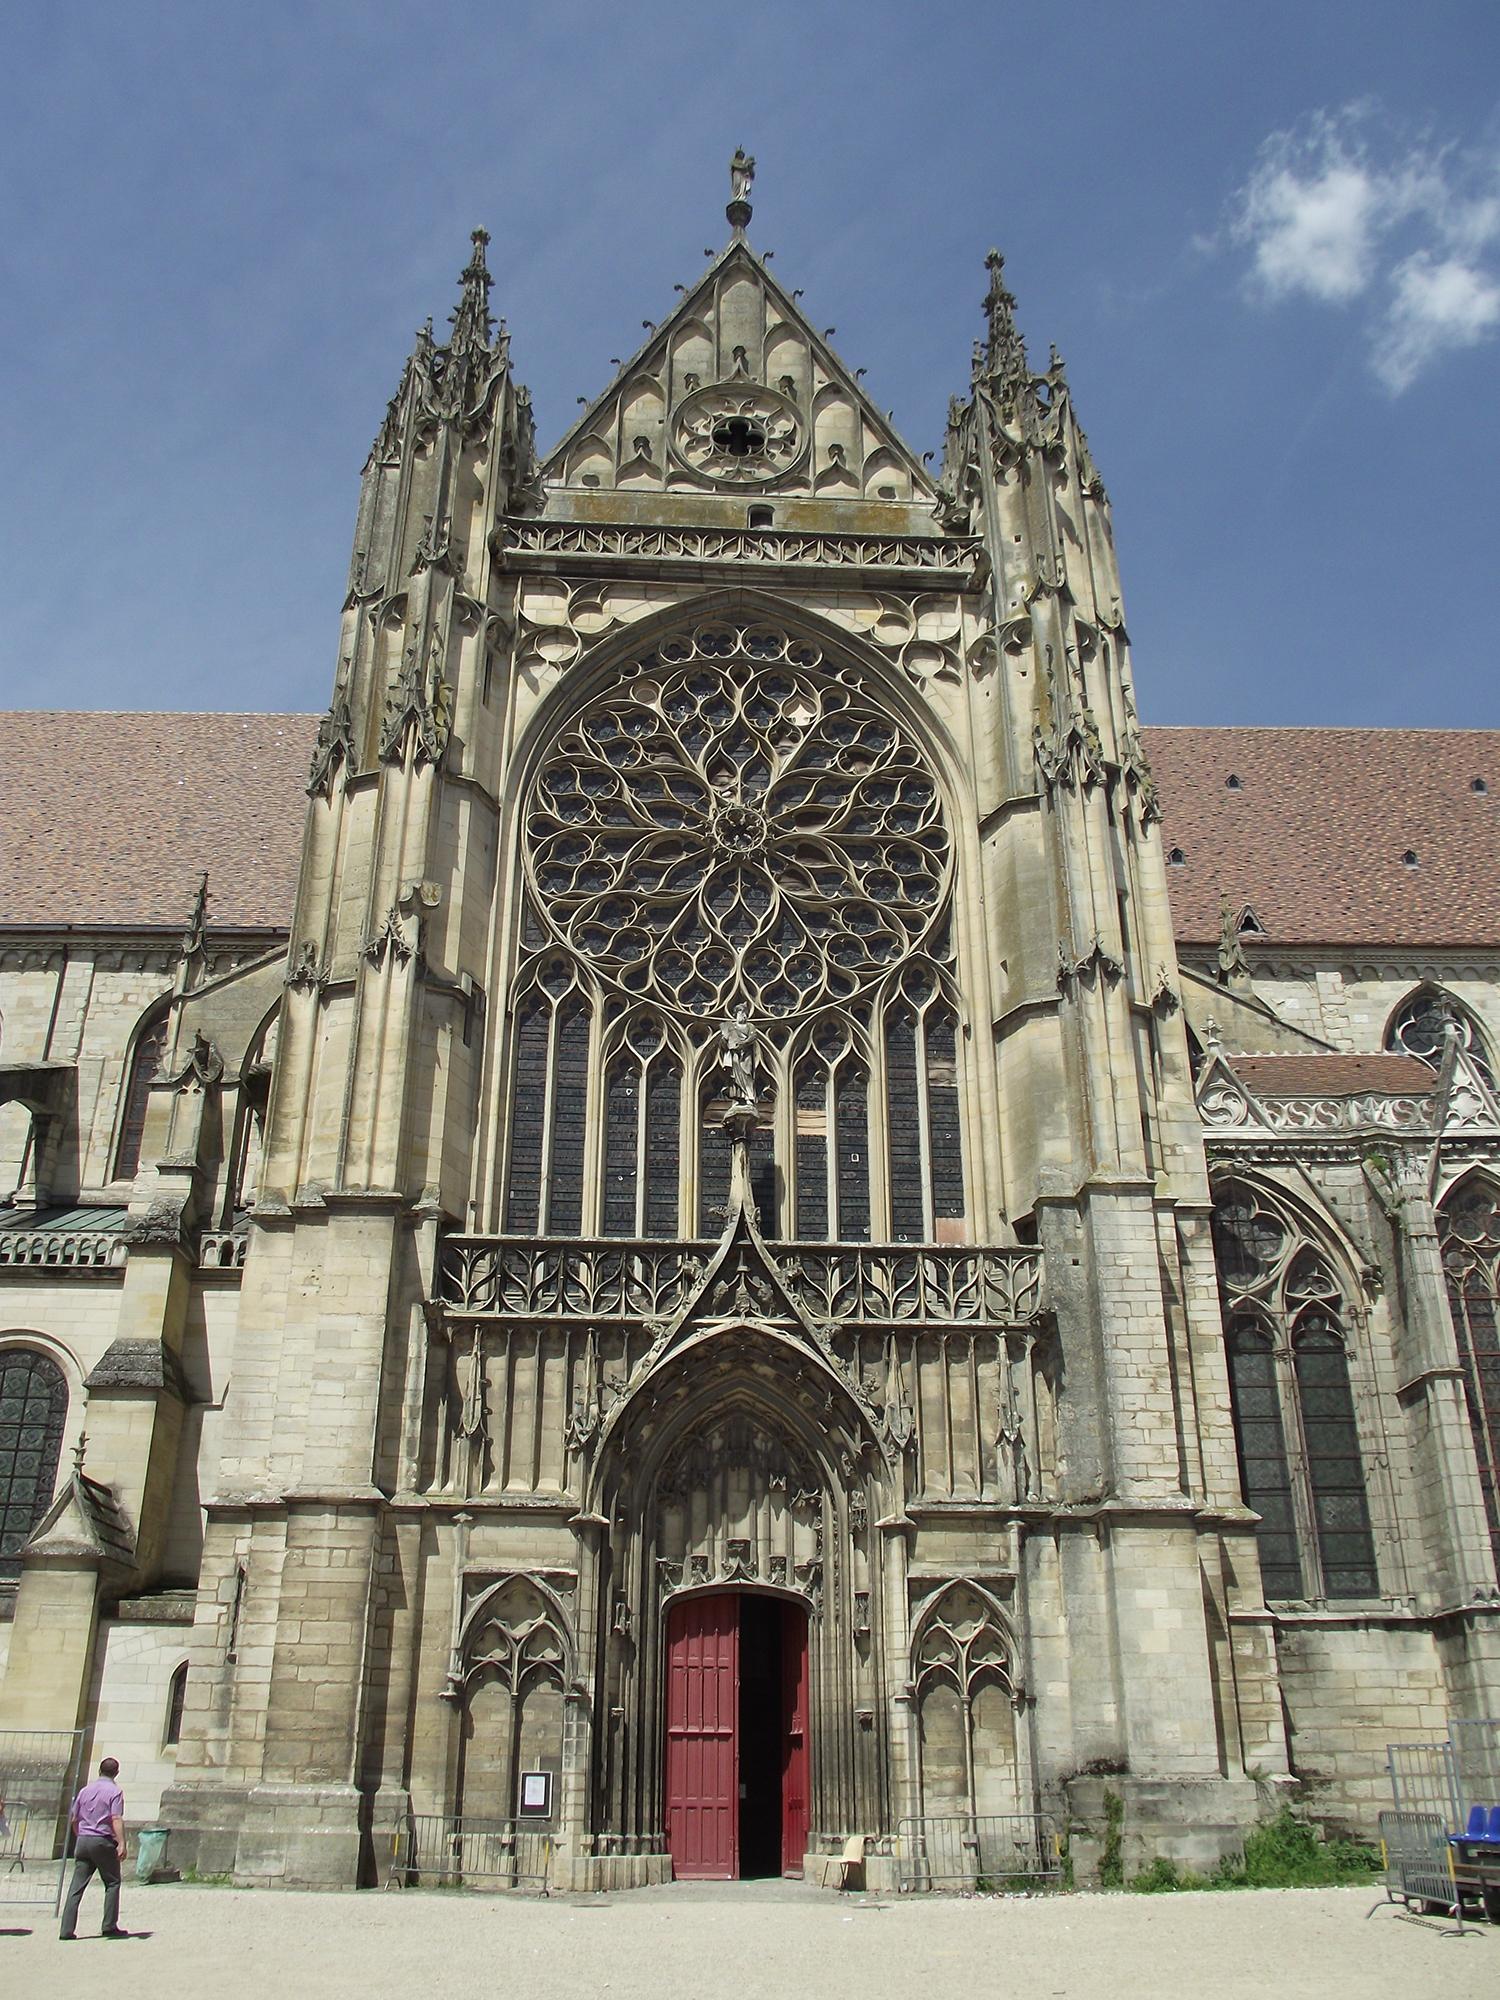 Cathedral of Saint Etienne de Sens